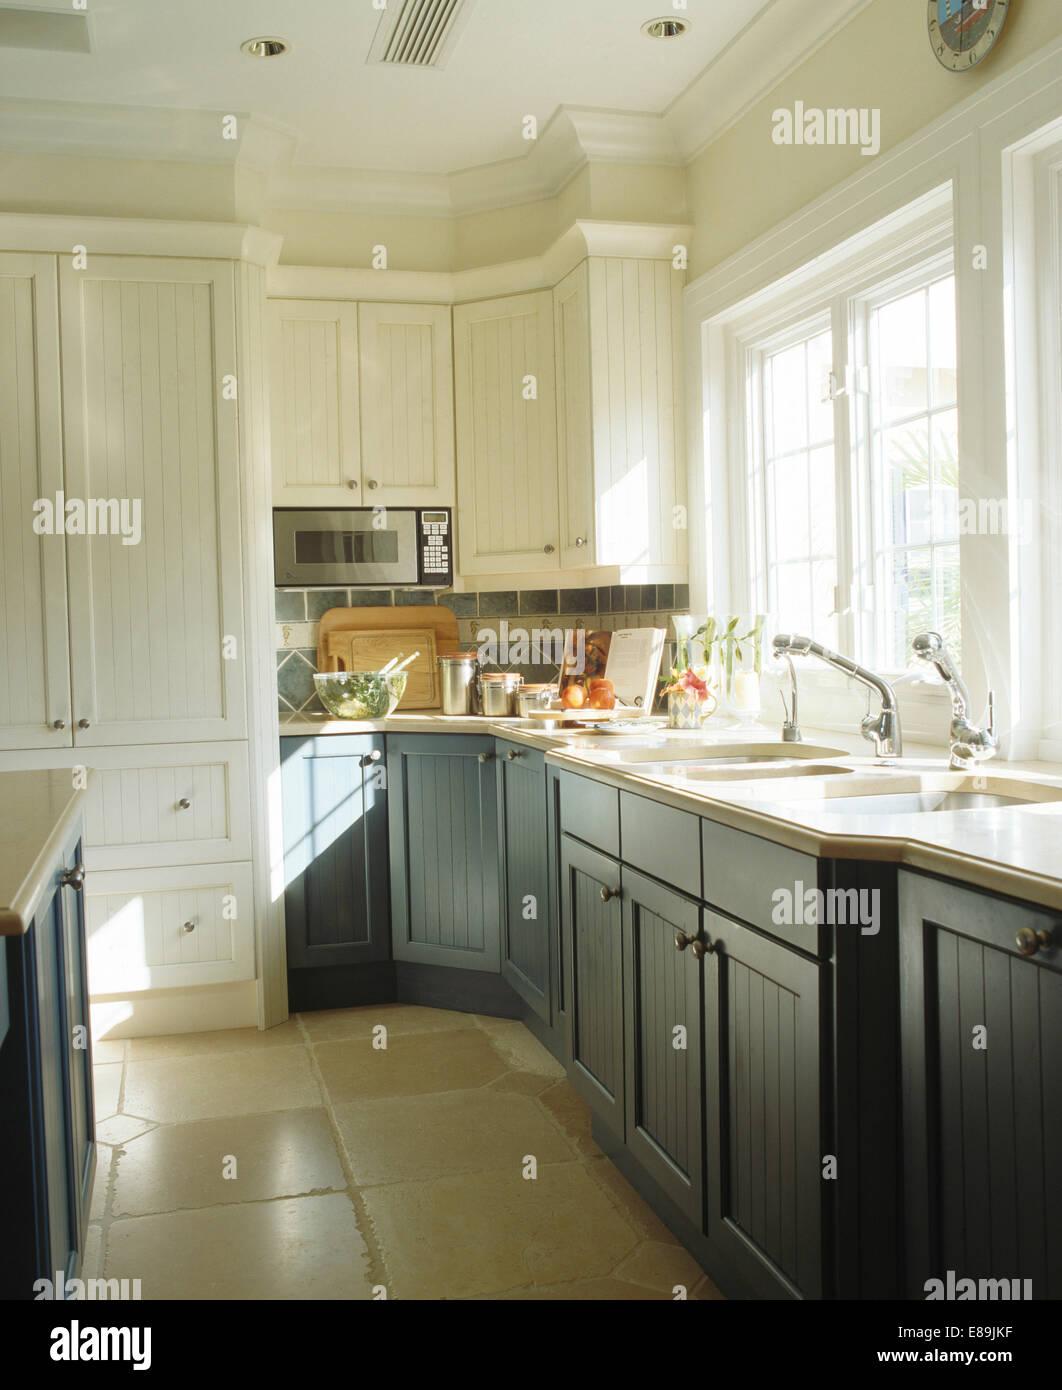 Fliesen Küche Boden | Küche Travertin Boden Küchenboden ...